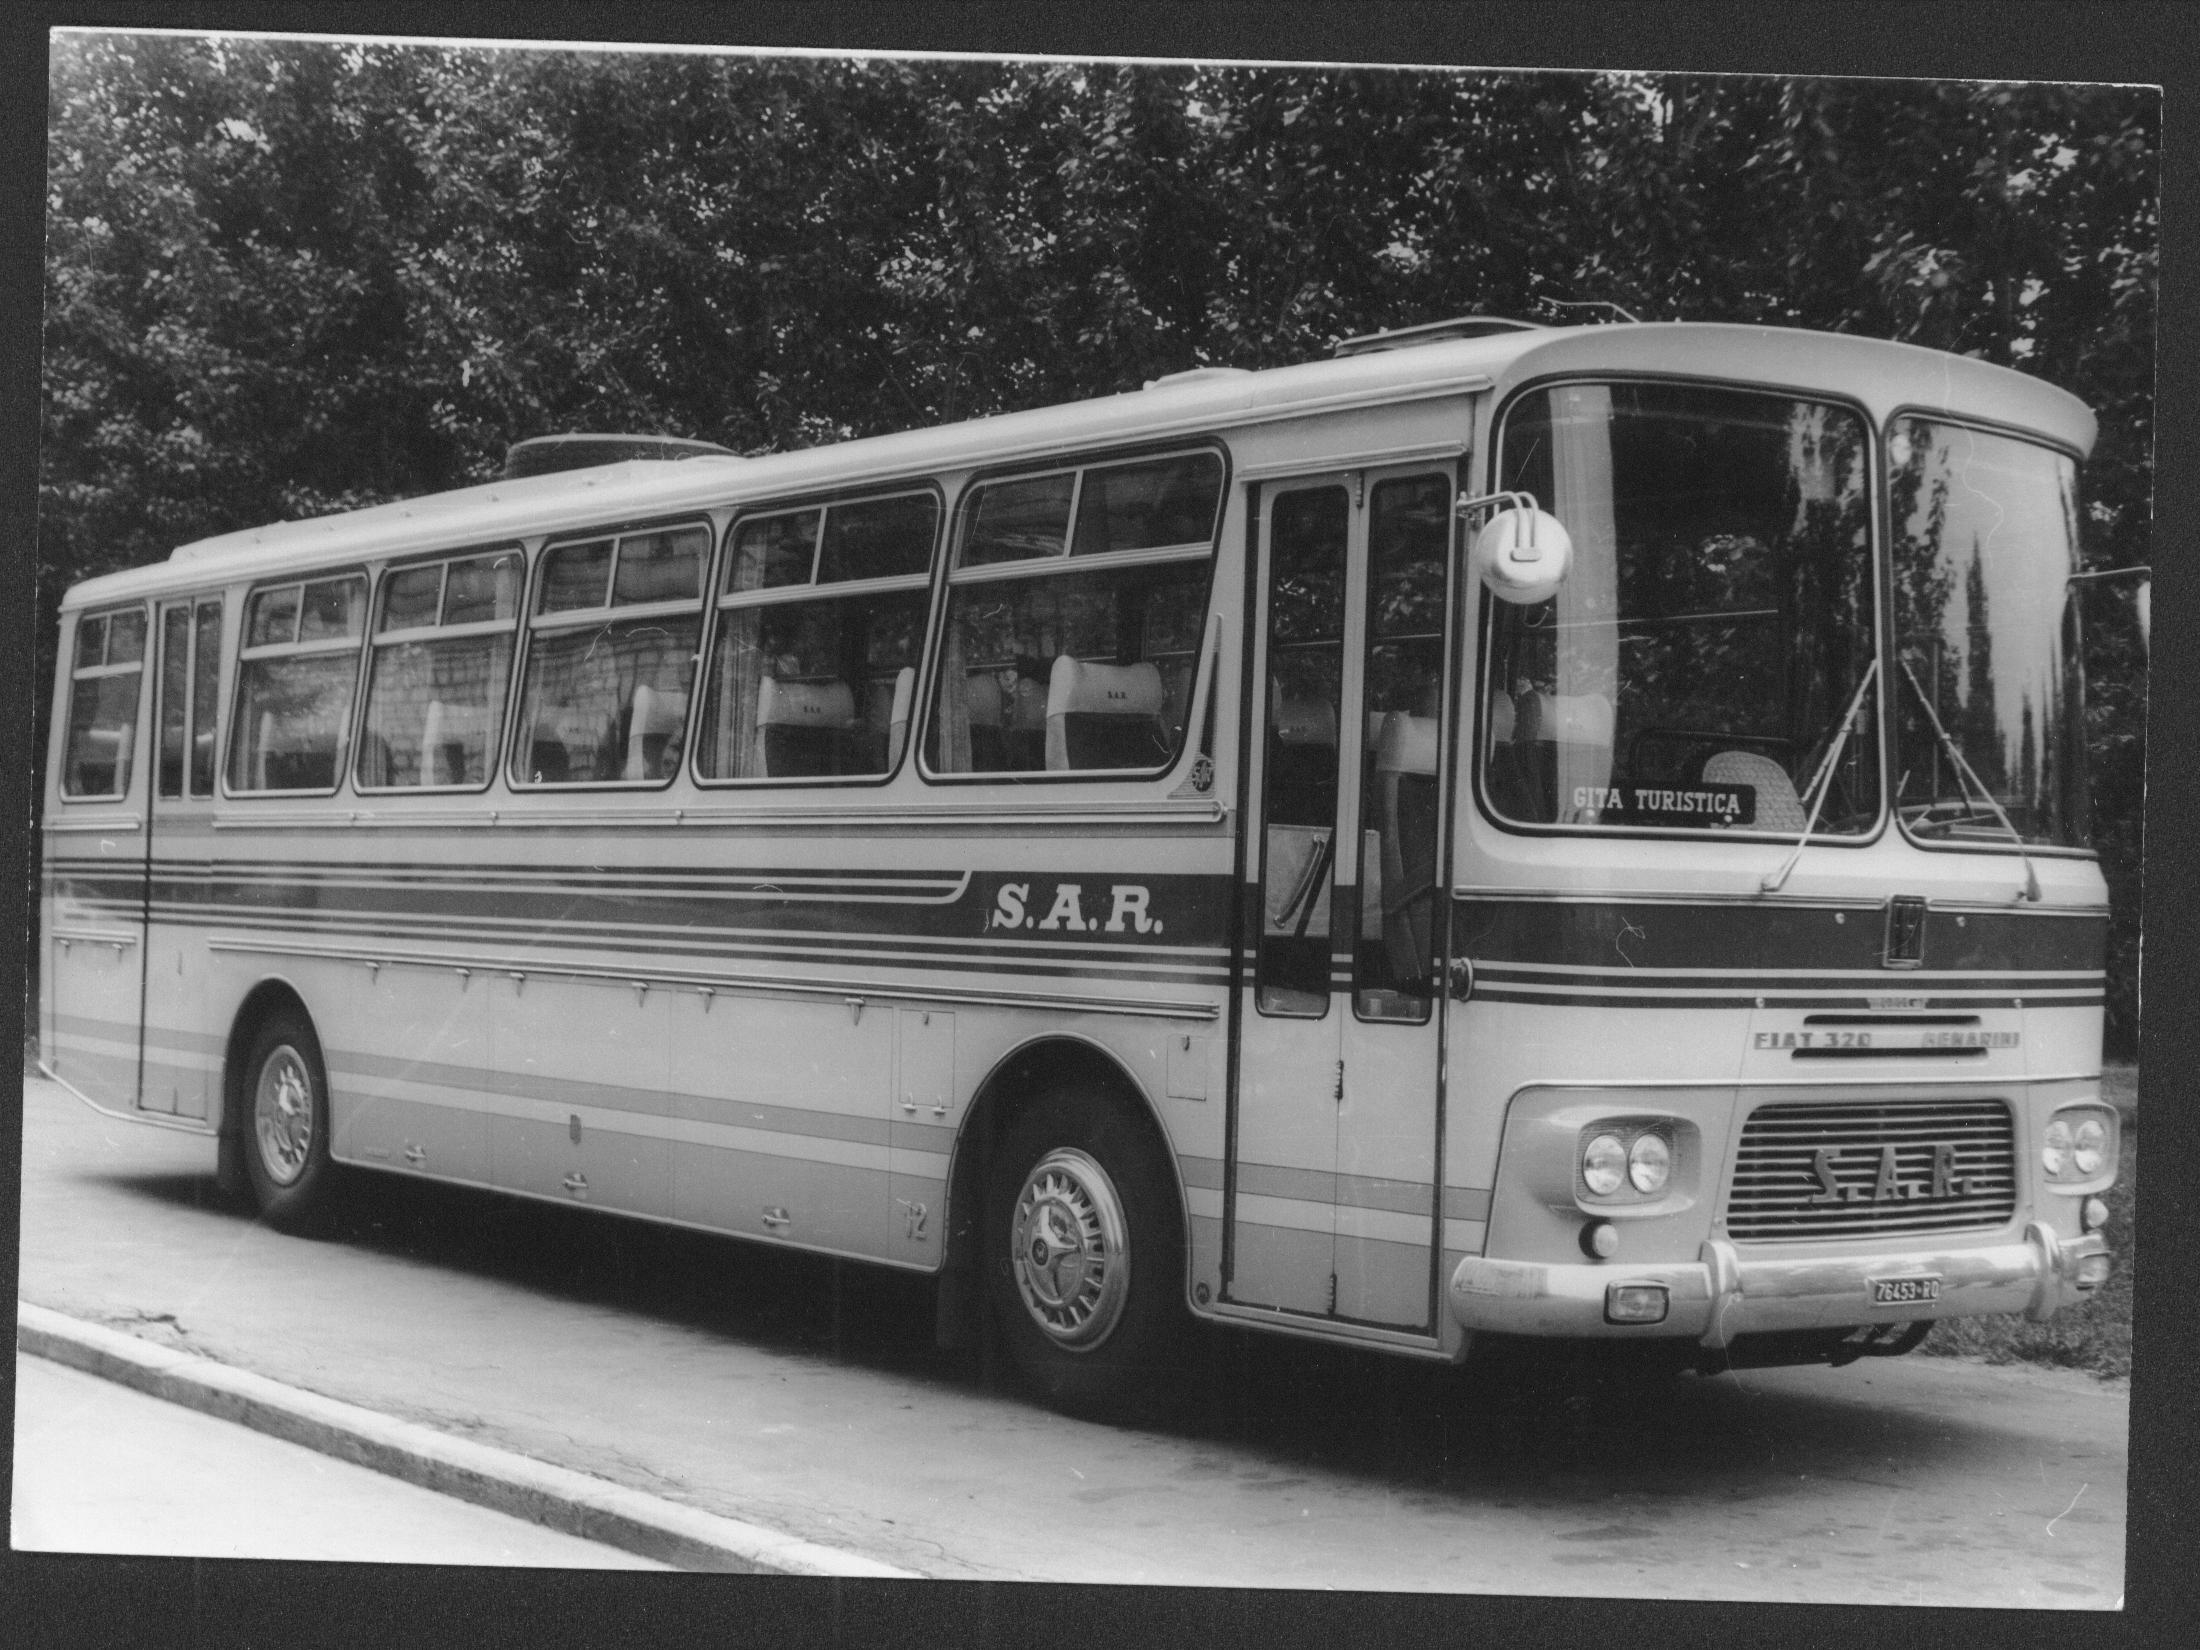 anni 50 80 ripresi a mosca autobus italiani anni 50 80 ripresi a mosca